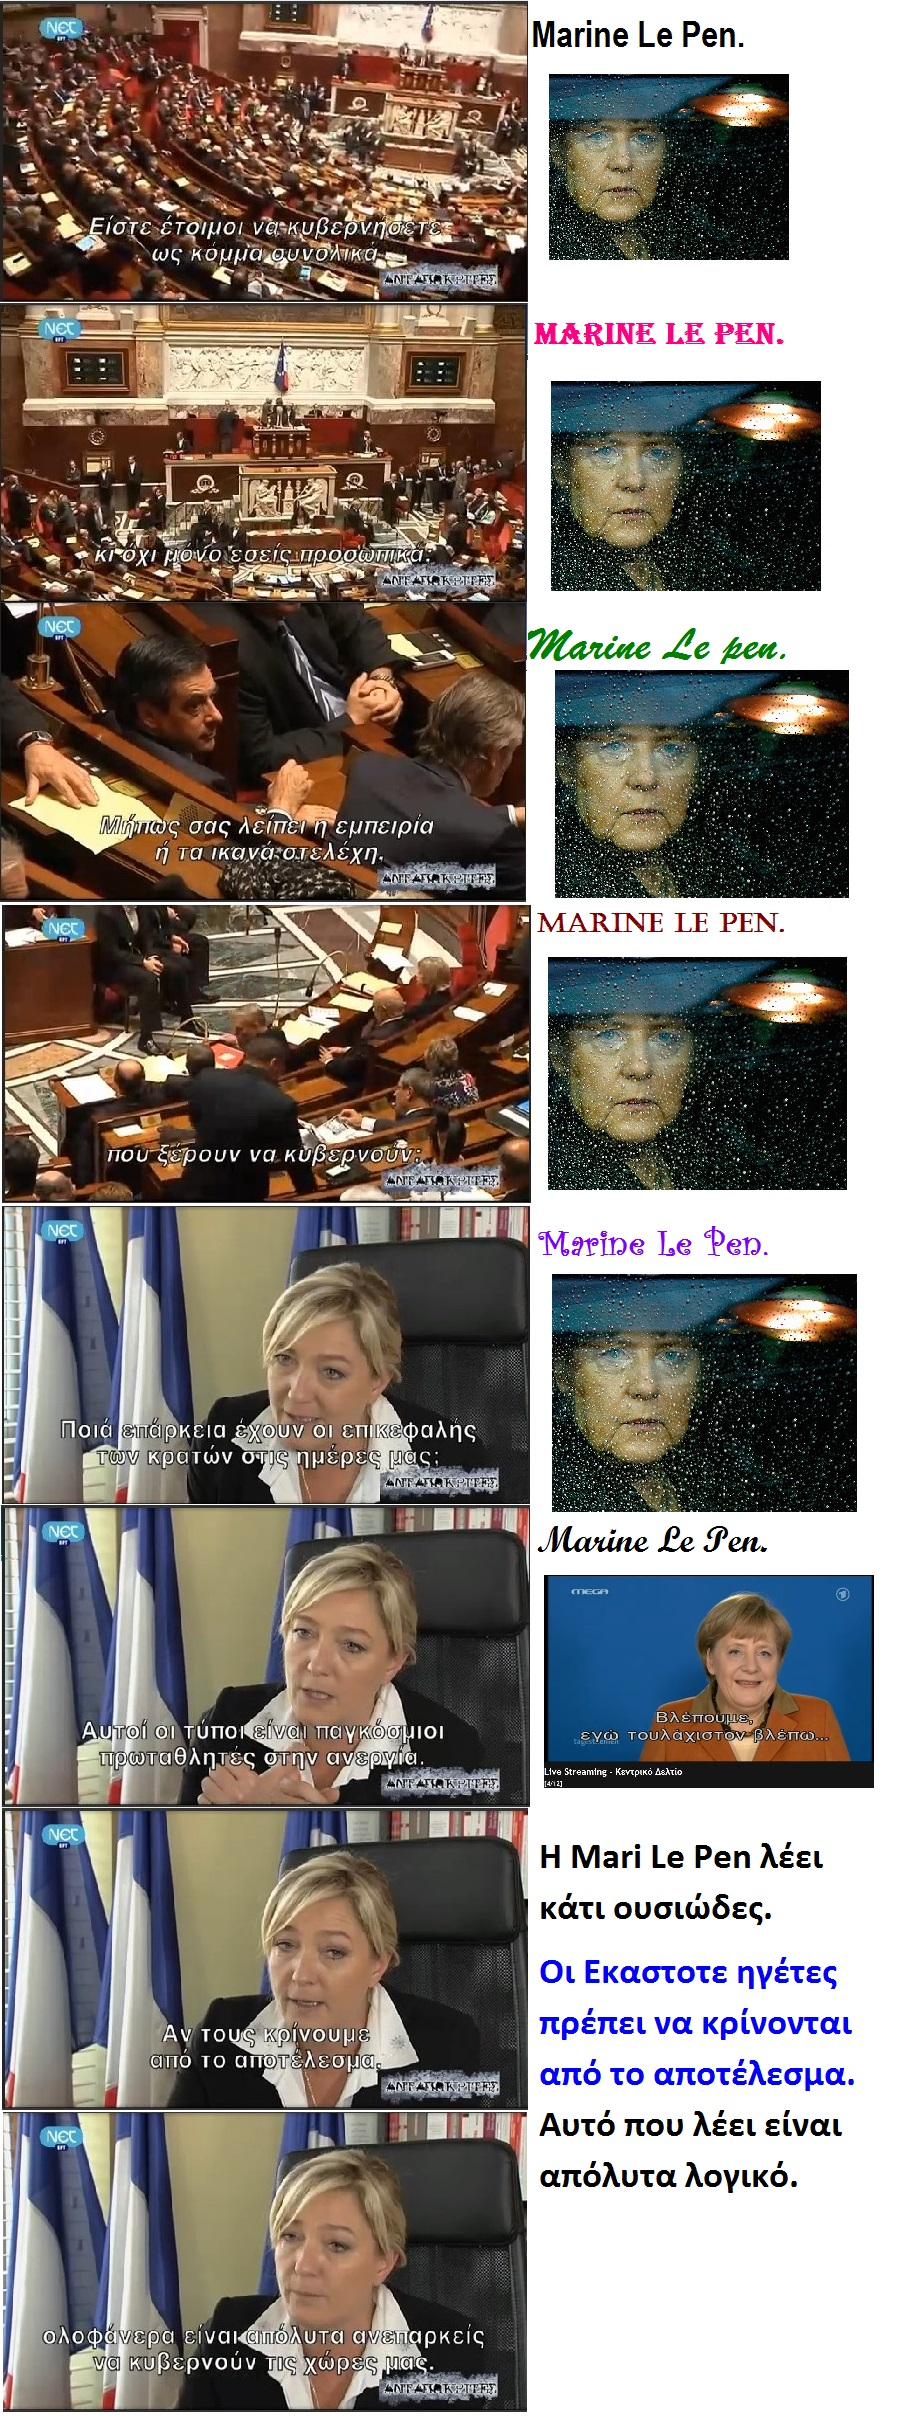 Mari Le Pen